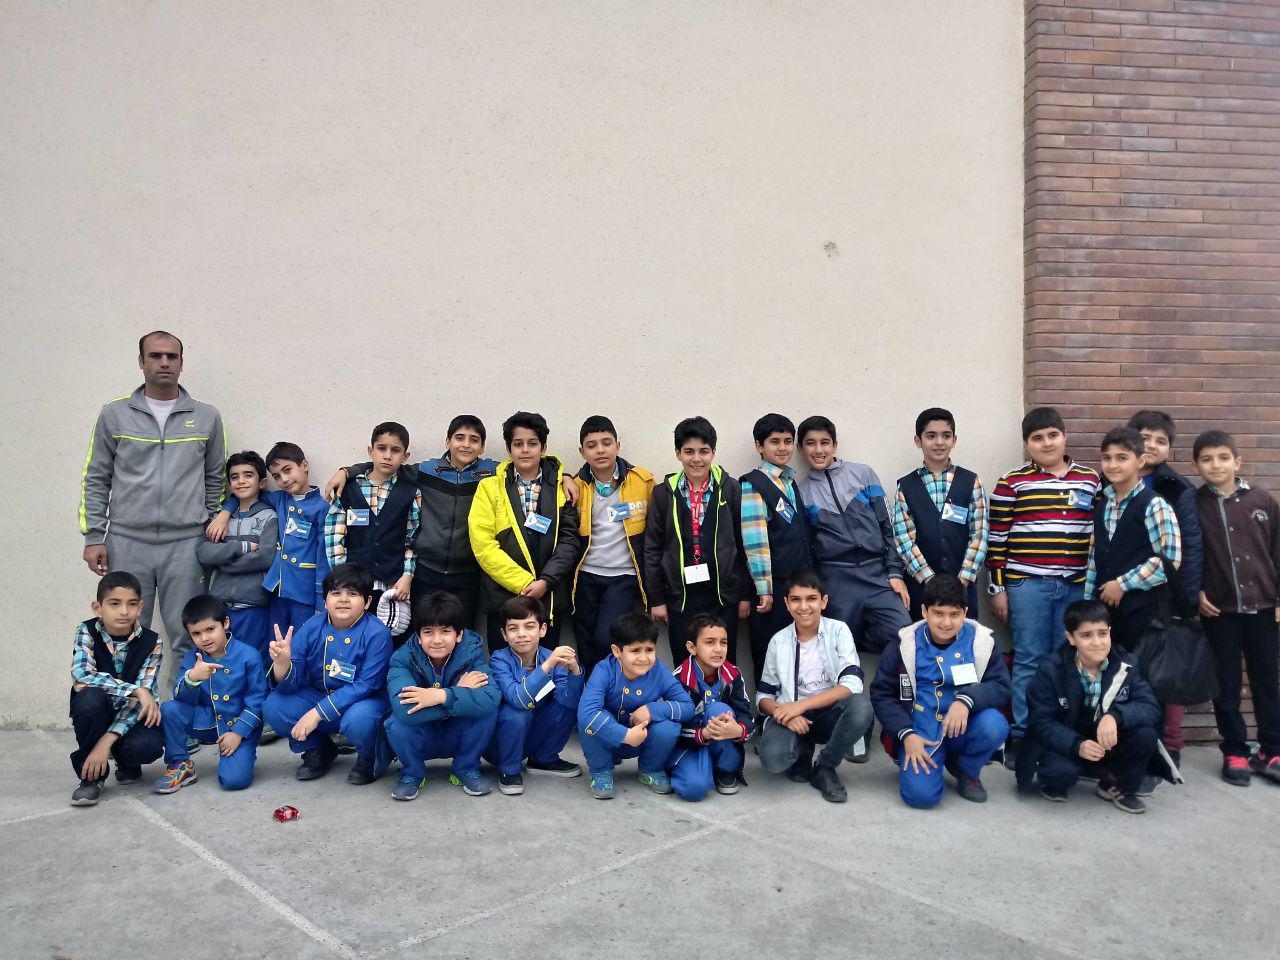 مسابقات شطرنج آموزشگاههای آمل